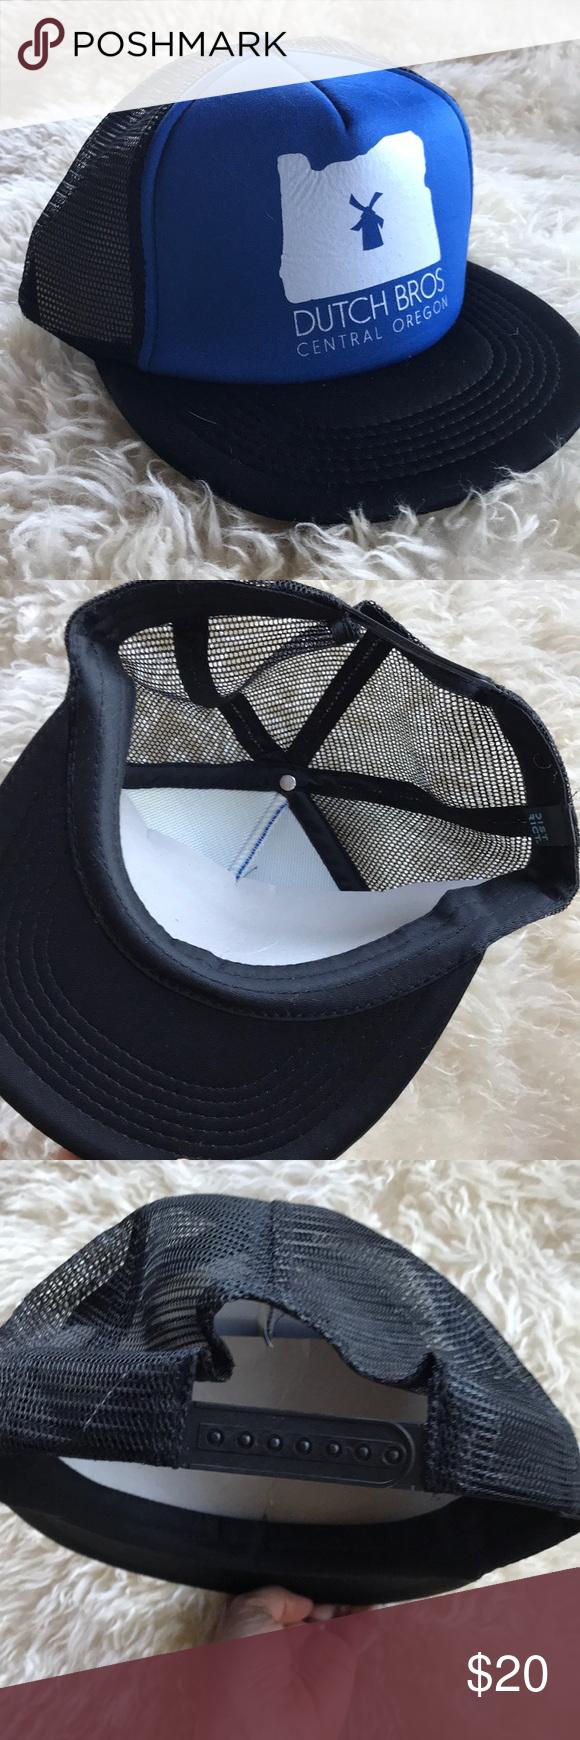 Dutch Bros Trucker Hat New Dutch Brothers Trucker Hat. Adjustable Dutch Bros Accessories Hats #dutchbros Dutch Bros Trucker Hat New Dutch Brothers Trucker Hat. Adjustable Dutch Bros Accessories Hats #dutchbros